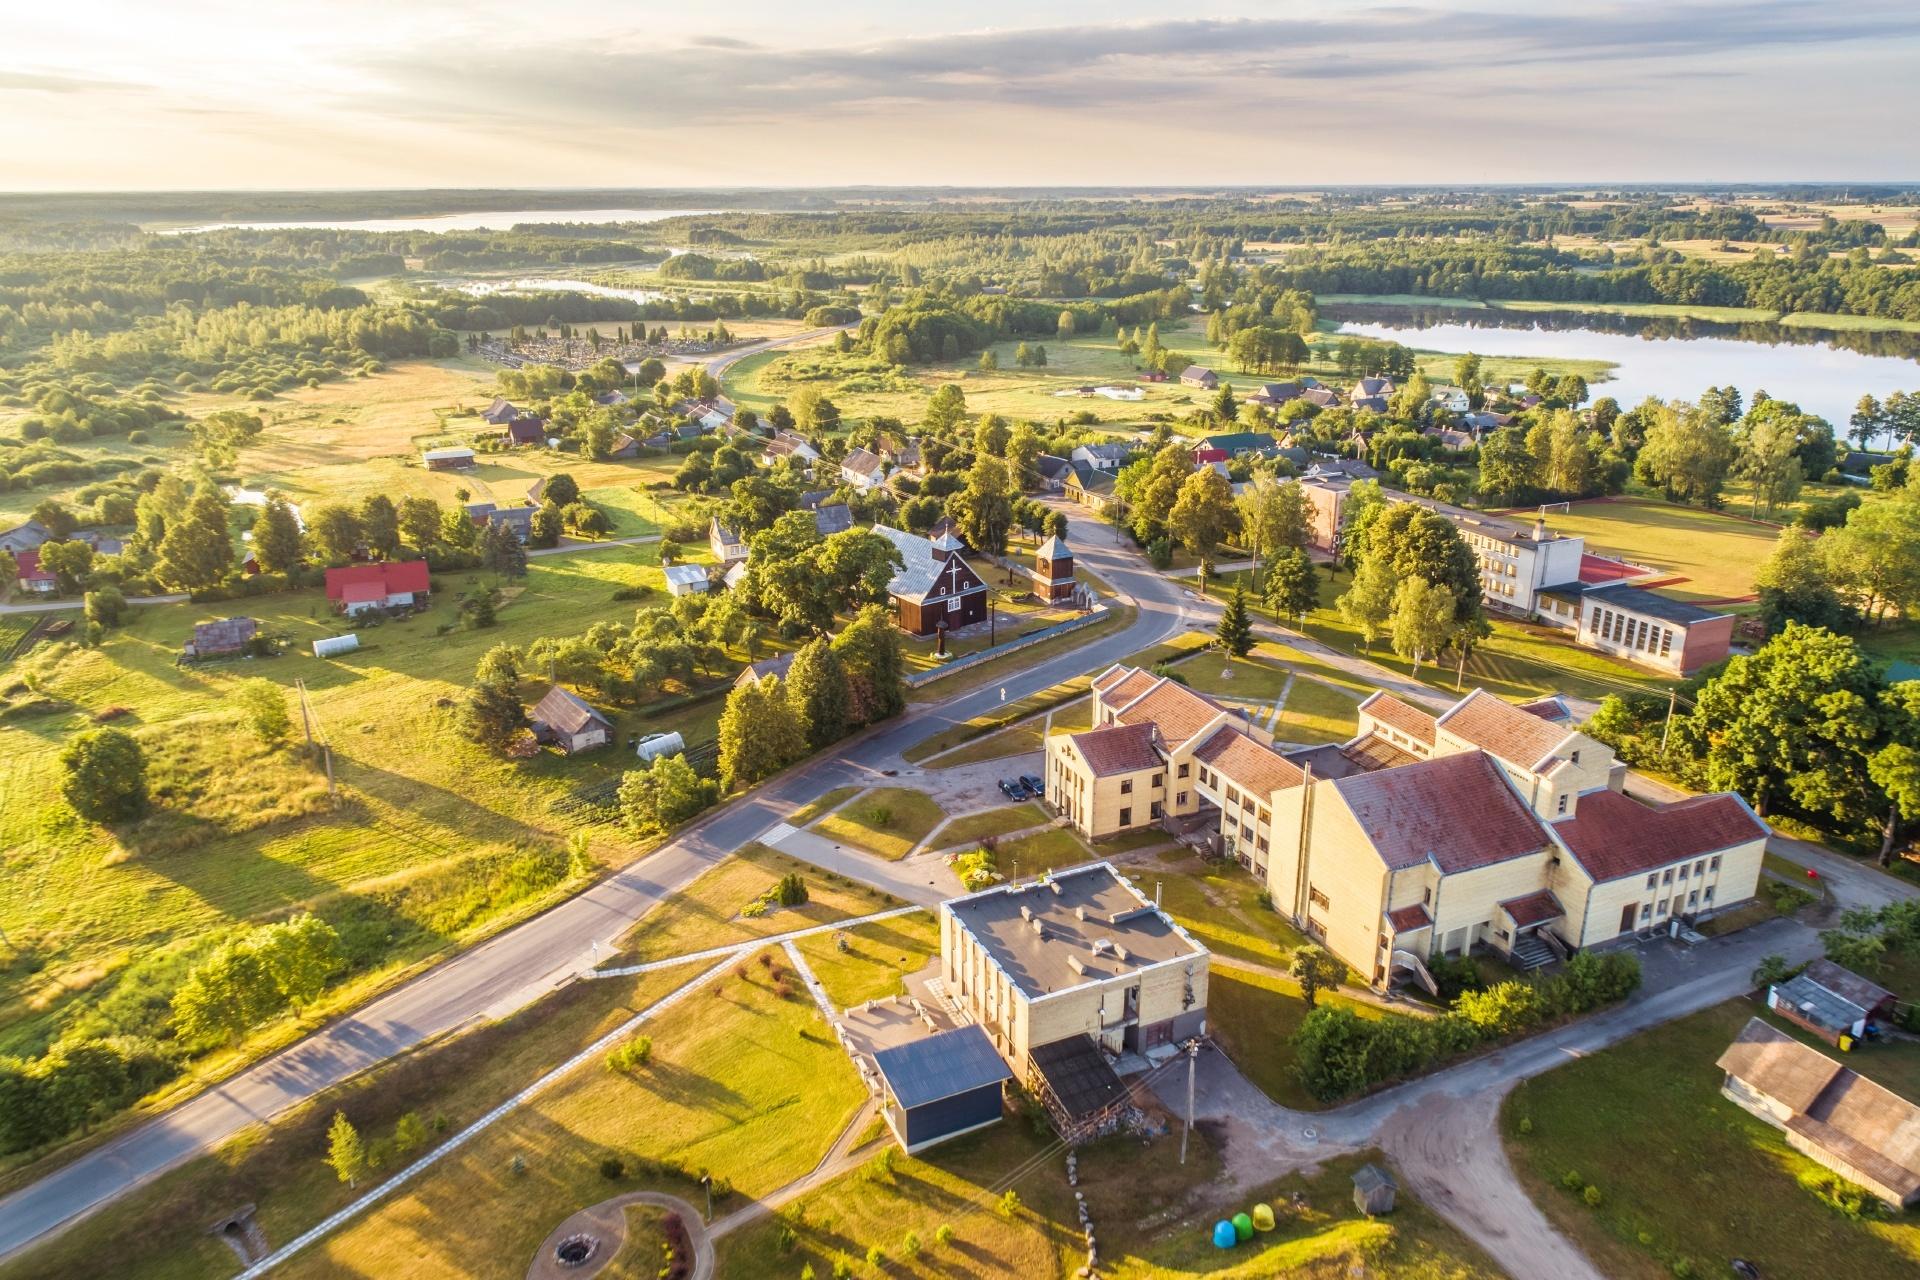 リトアニア モレタイ地方 イントゥルケの夏の朝の風景